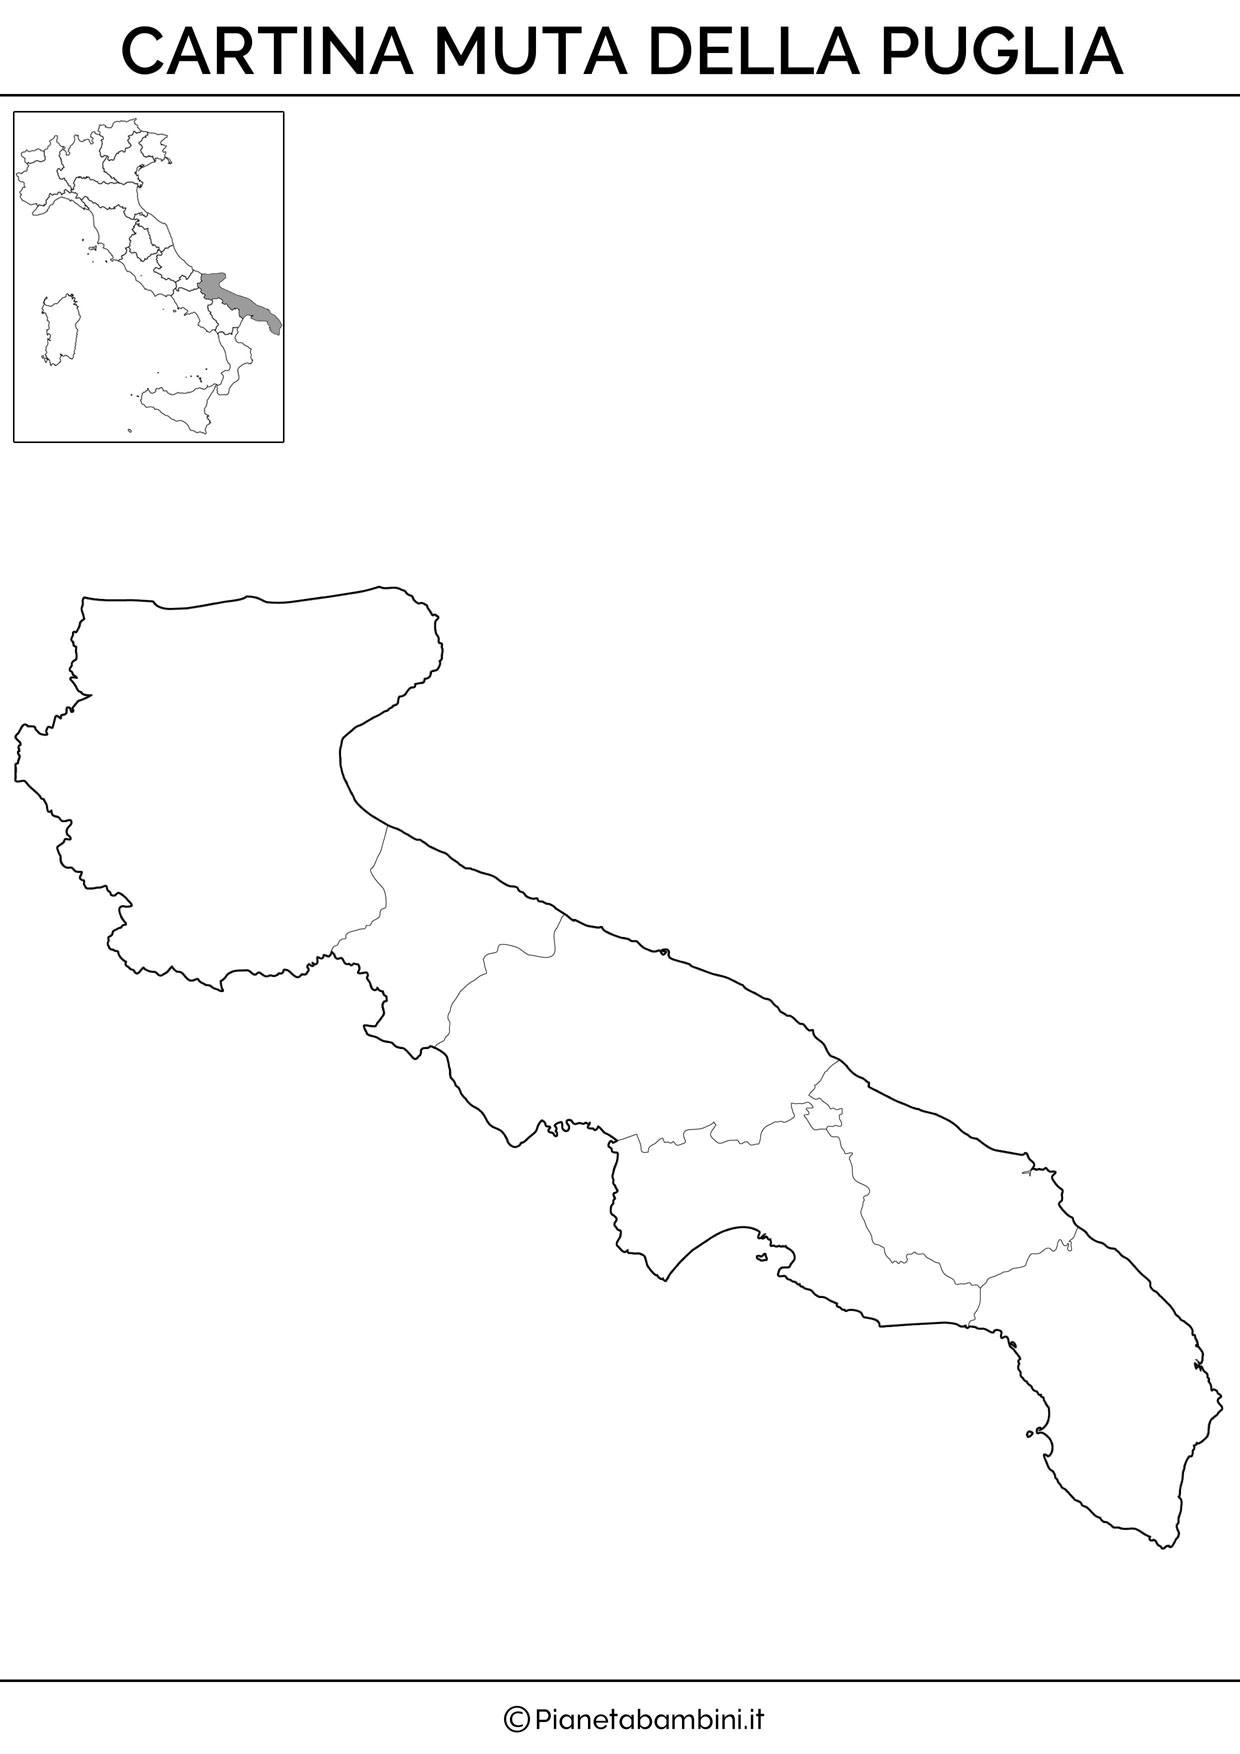 Cartina Puglia Fisica E Politica.Cartina Muta Fisica E Politica Della Puglia Da Stampare Pianetabambini It